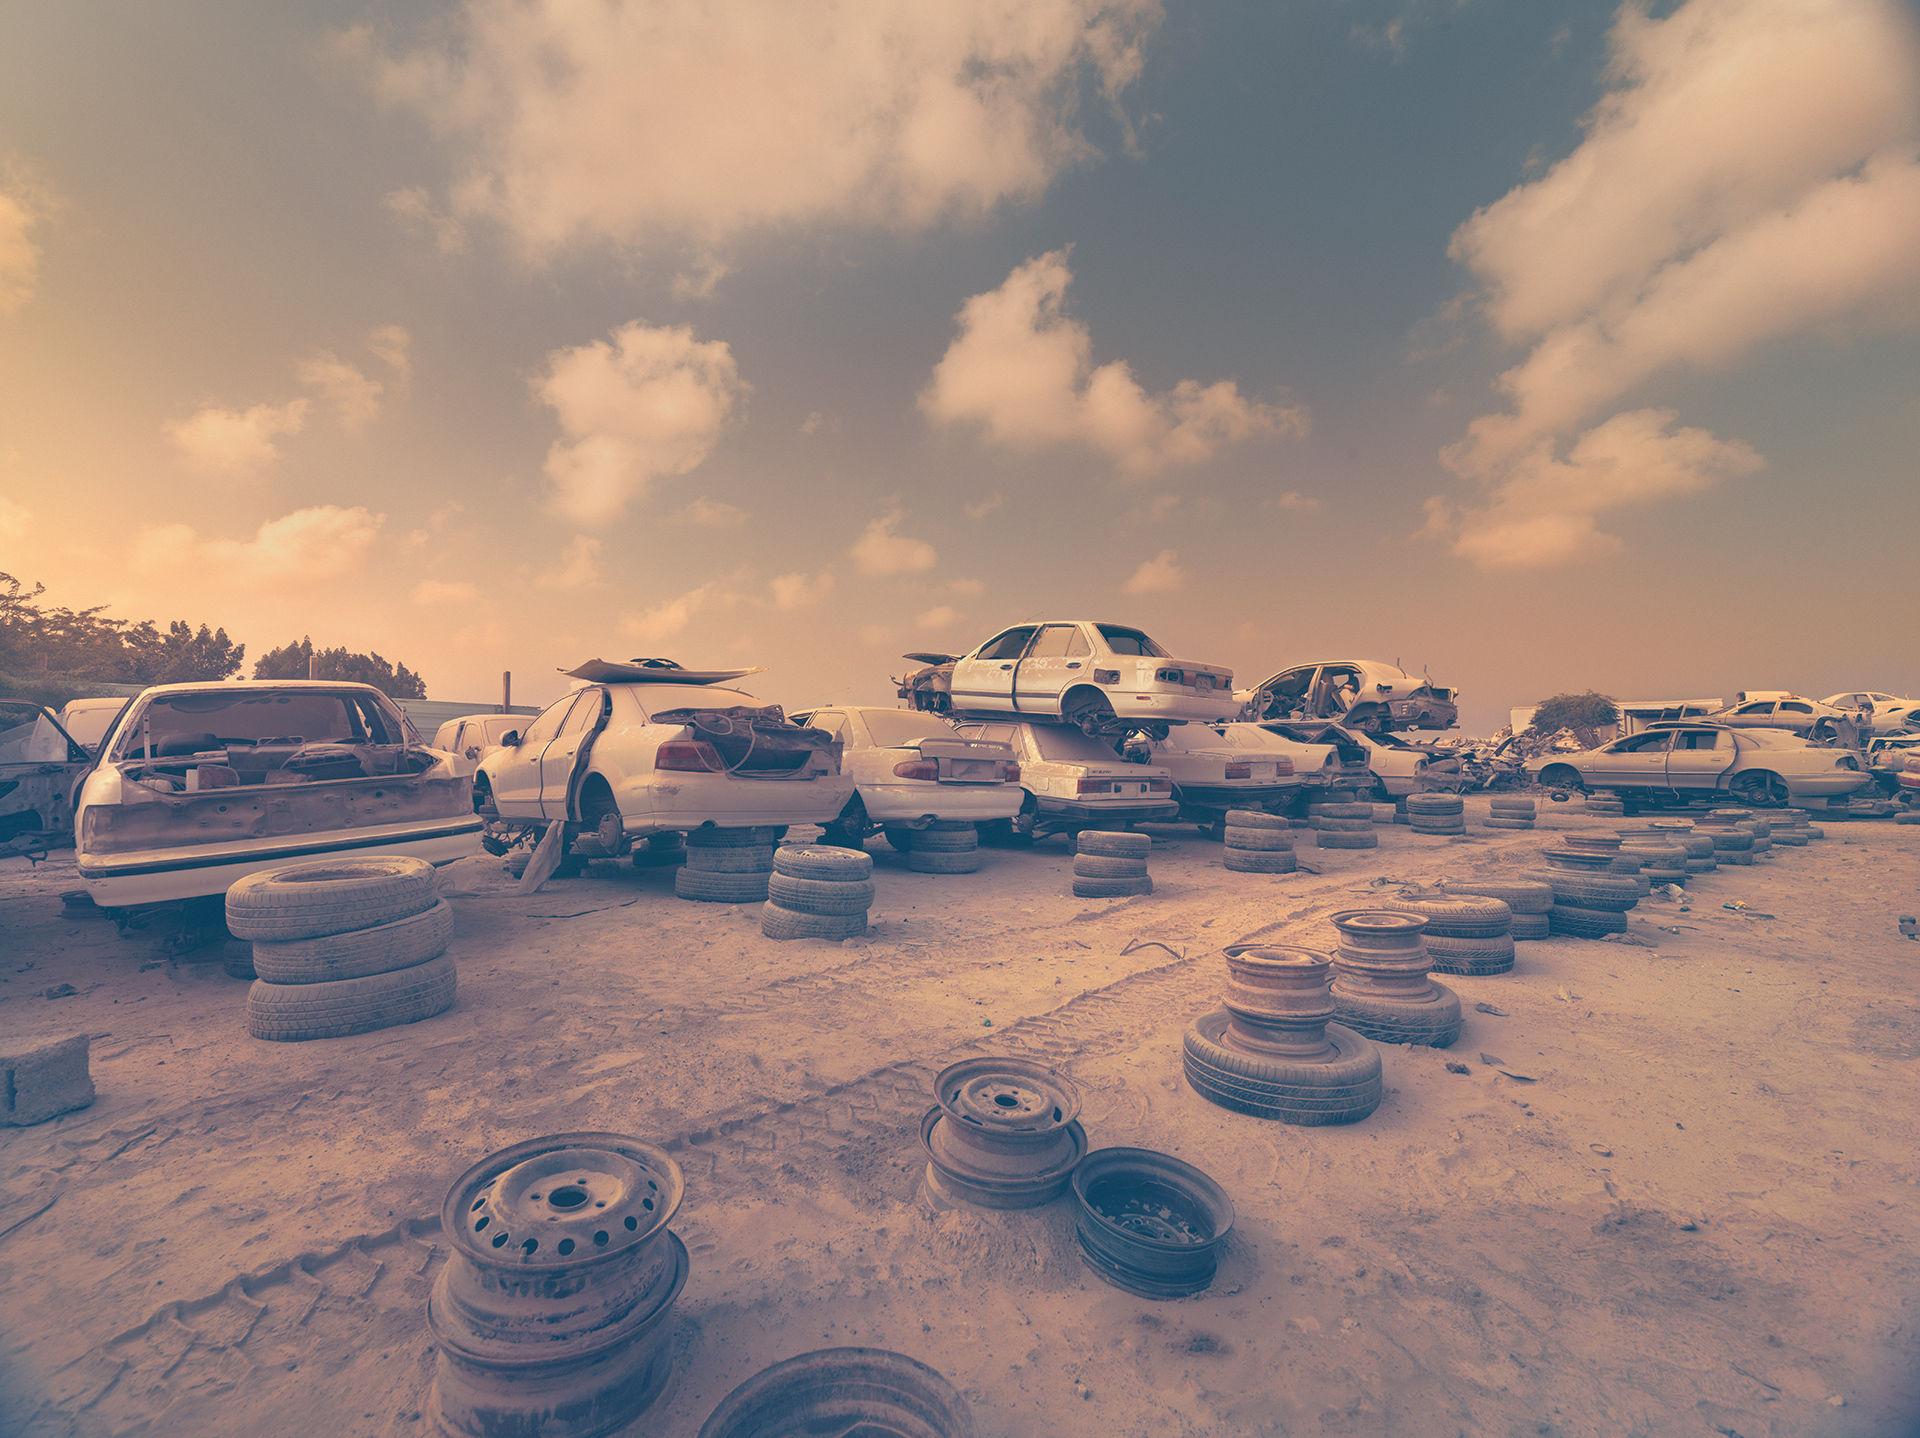 ANKE LUCKMANN - DUSTY CARS